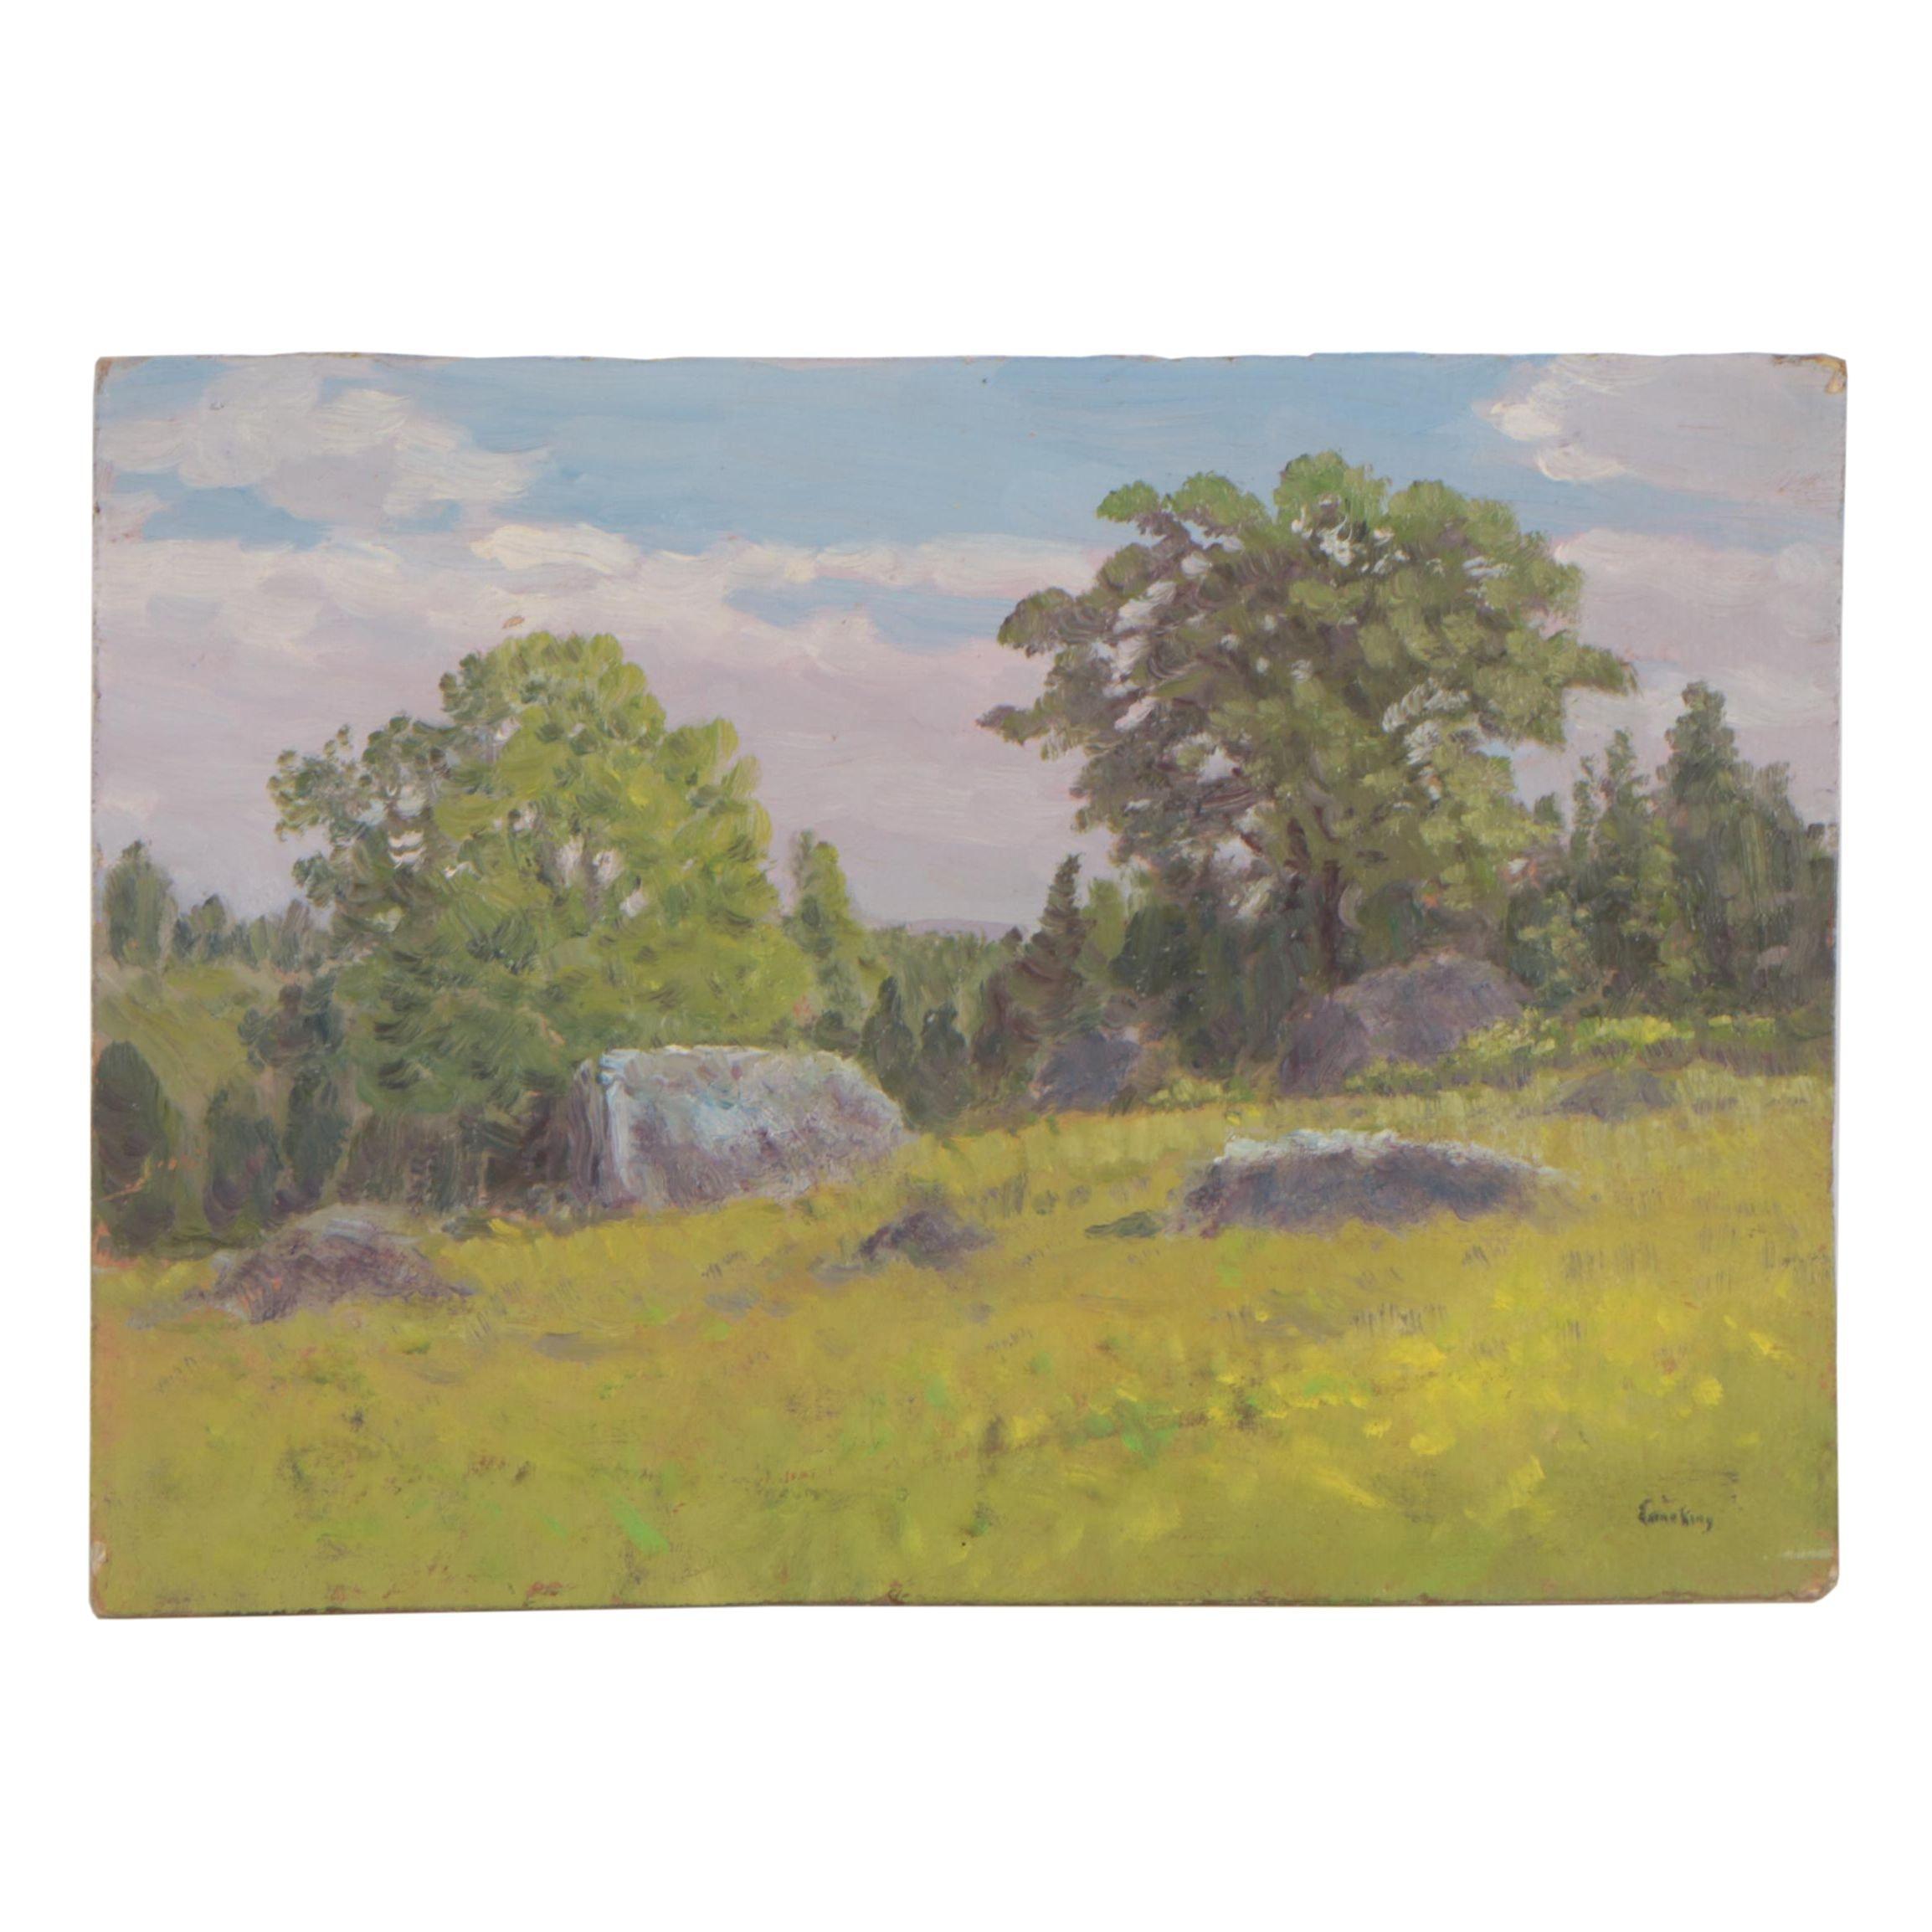 Landscape Oil Painting in the Manner of John Joseph Enneking